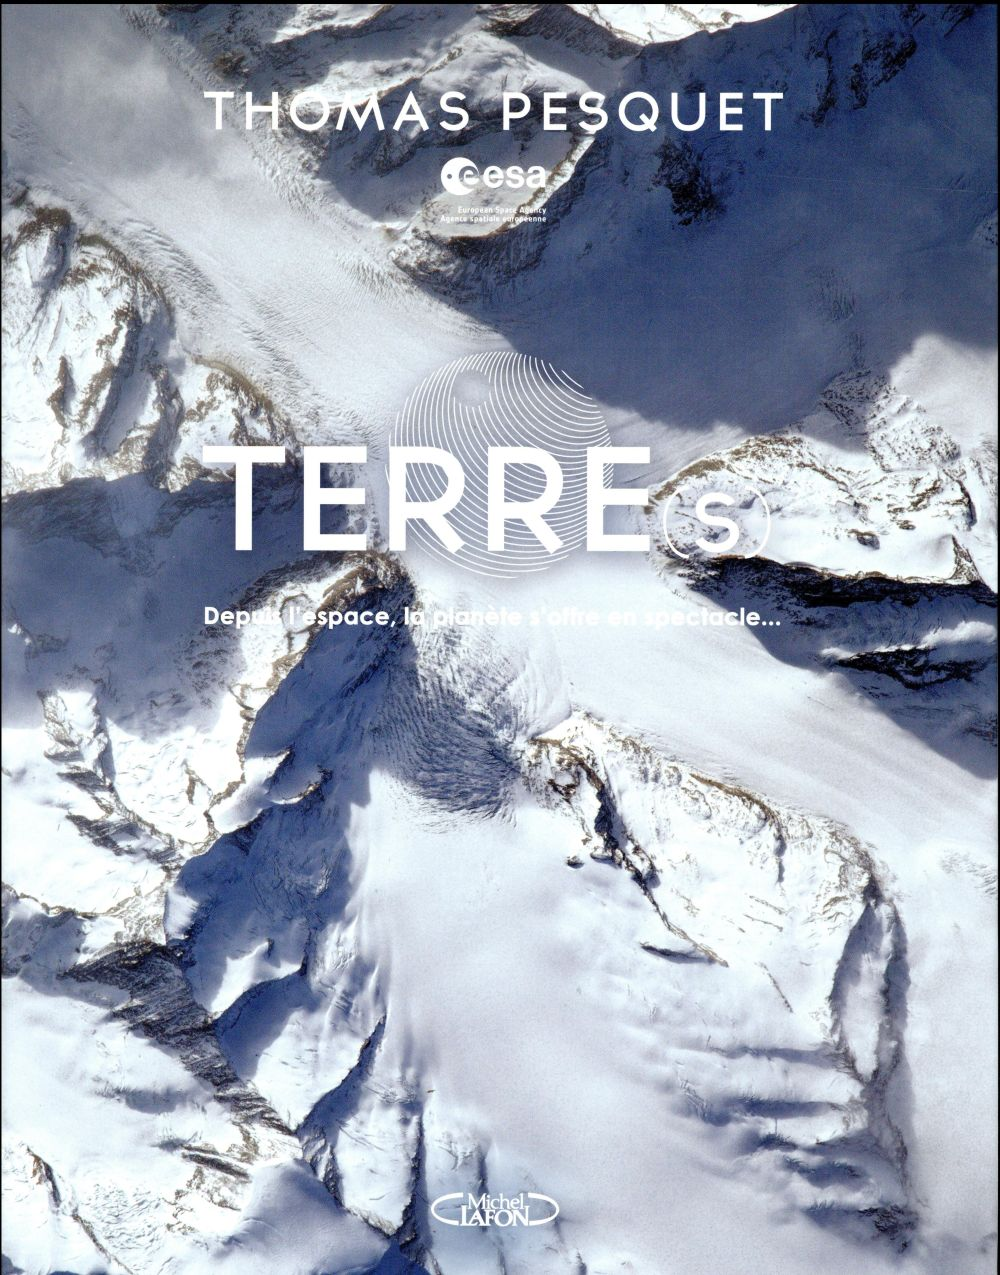 TERRE(S)